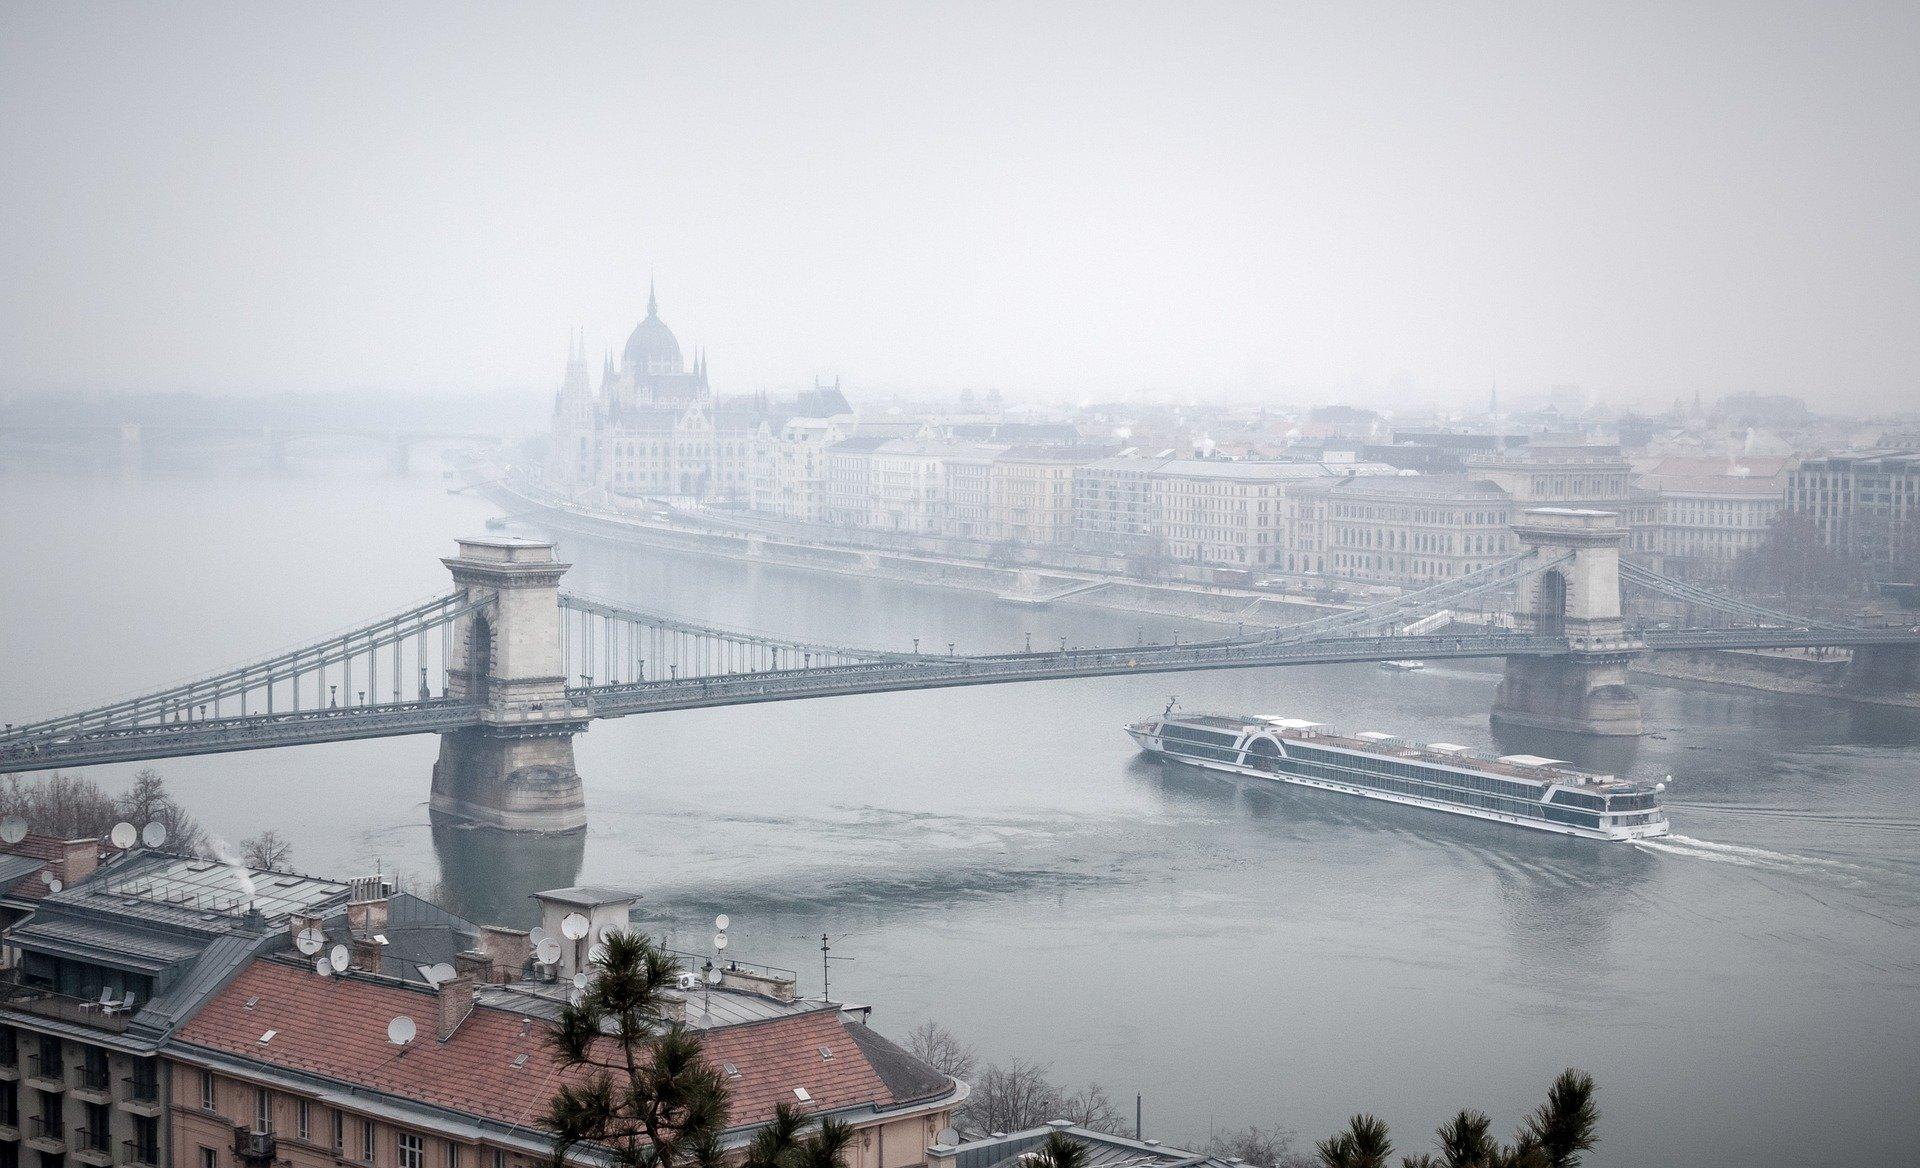 Kevésbé javult a városi levegő minősége a járvány miatti lezárások alatt, mint korábban gondolták